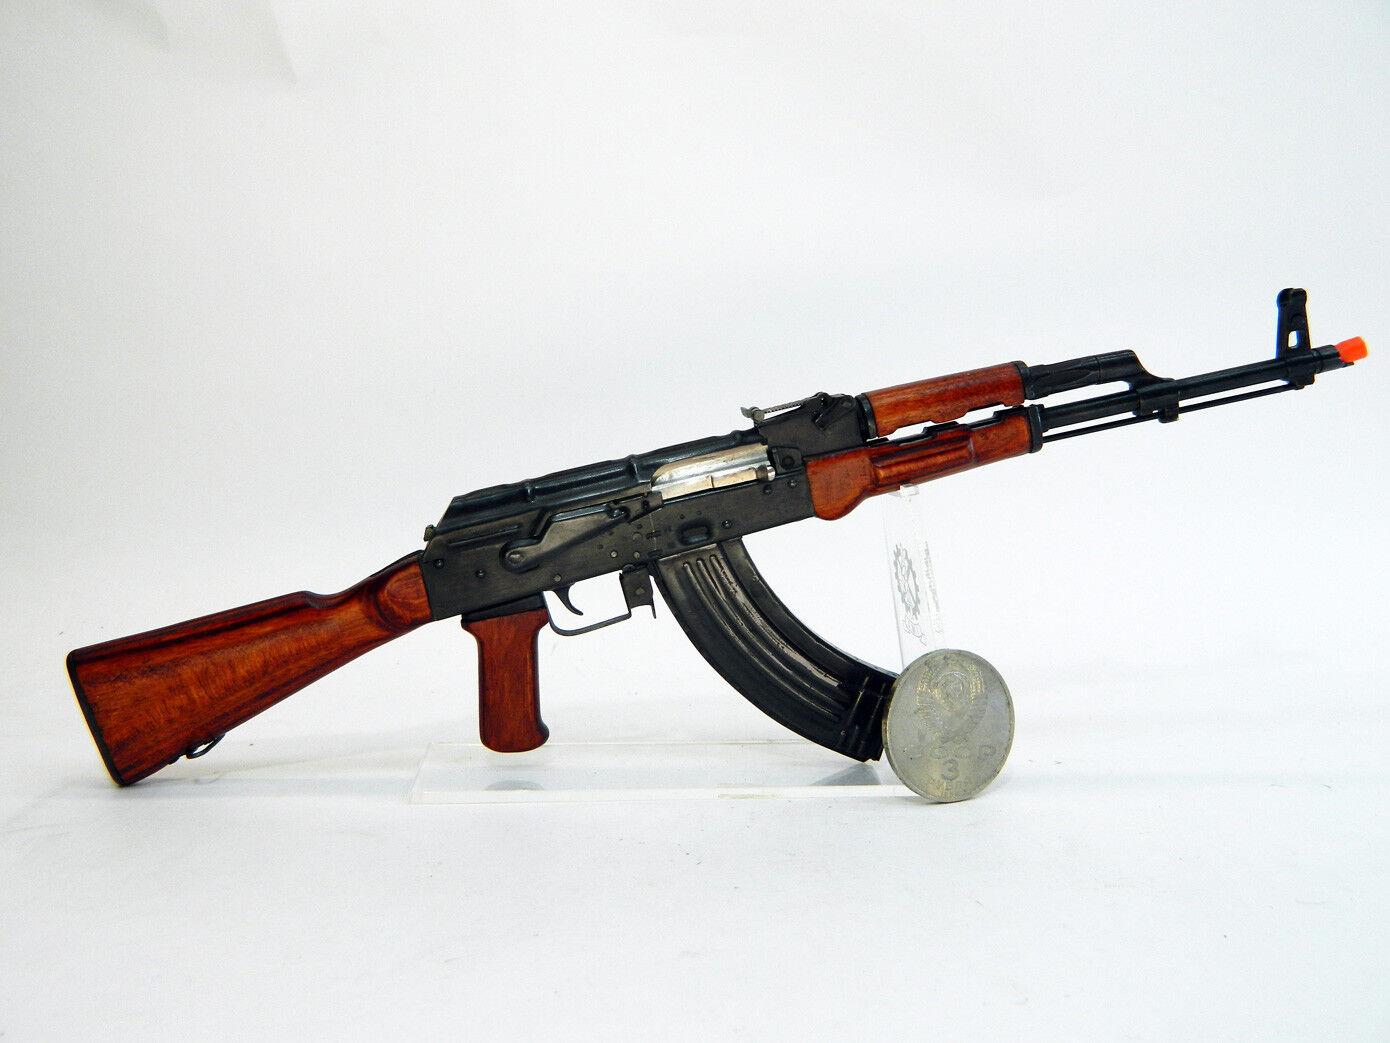 ak47 model toy gun - HD1390×1043